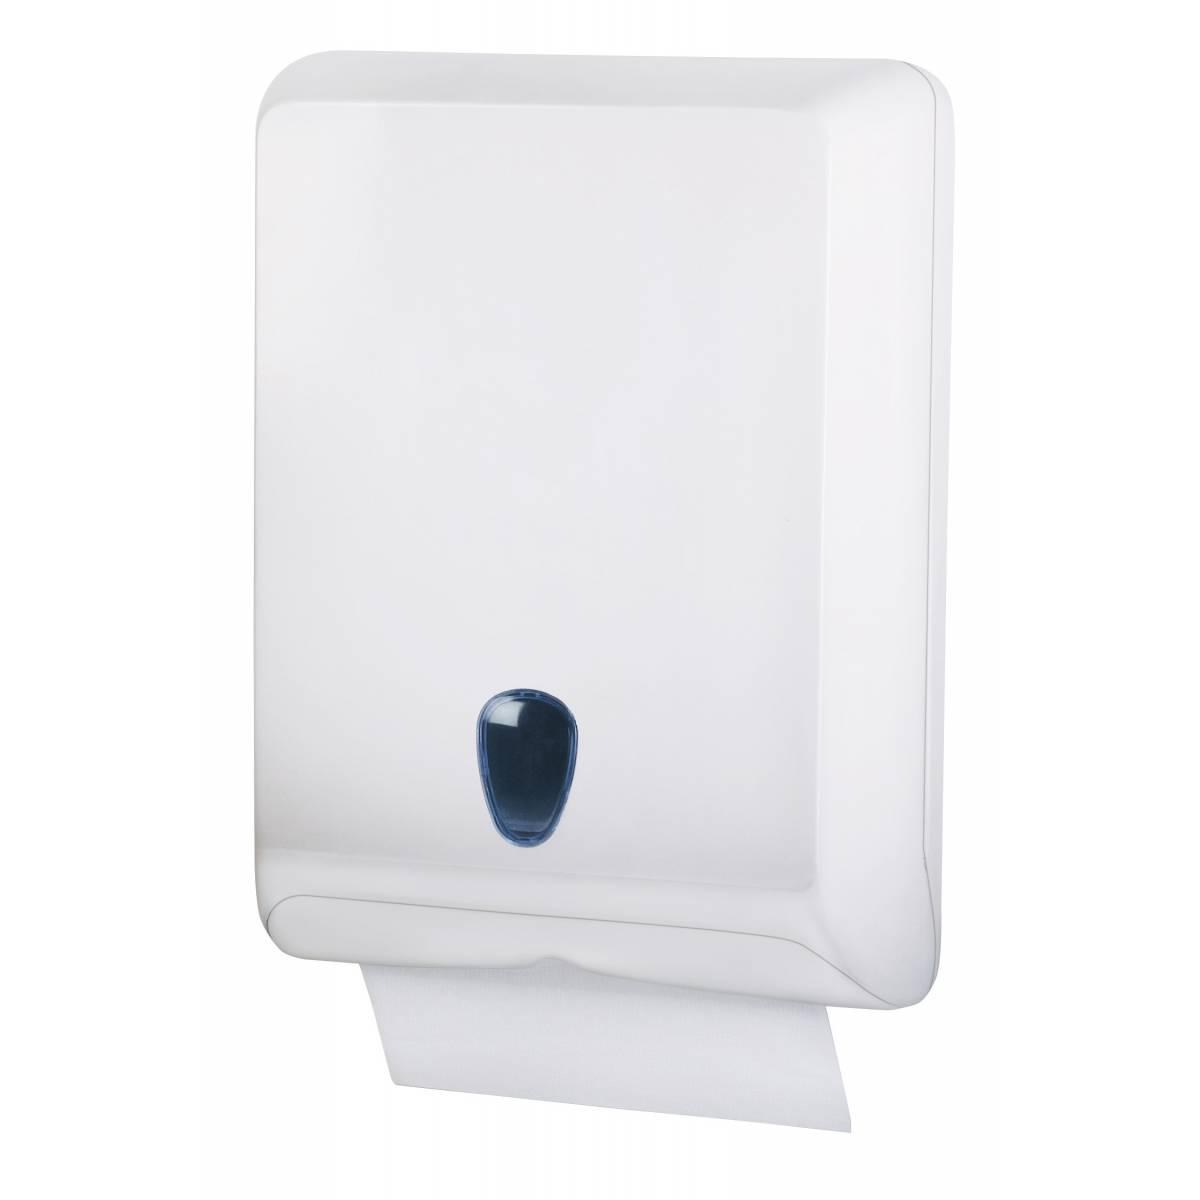 Держатель бумажных полотенец в пачках C, V, Z PLUS (830) A83001EASY Mar Plast